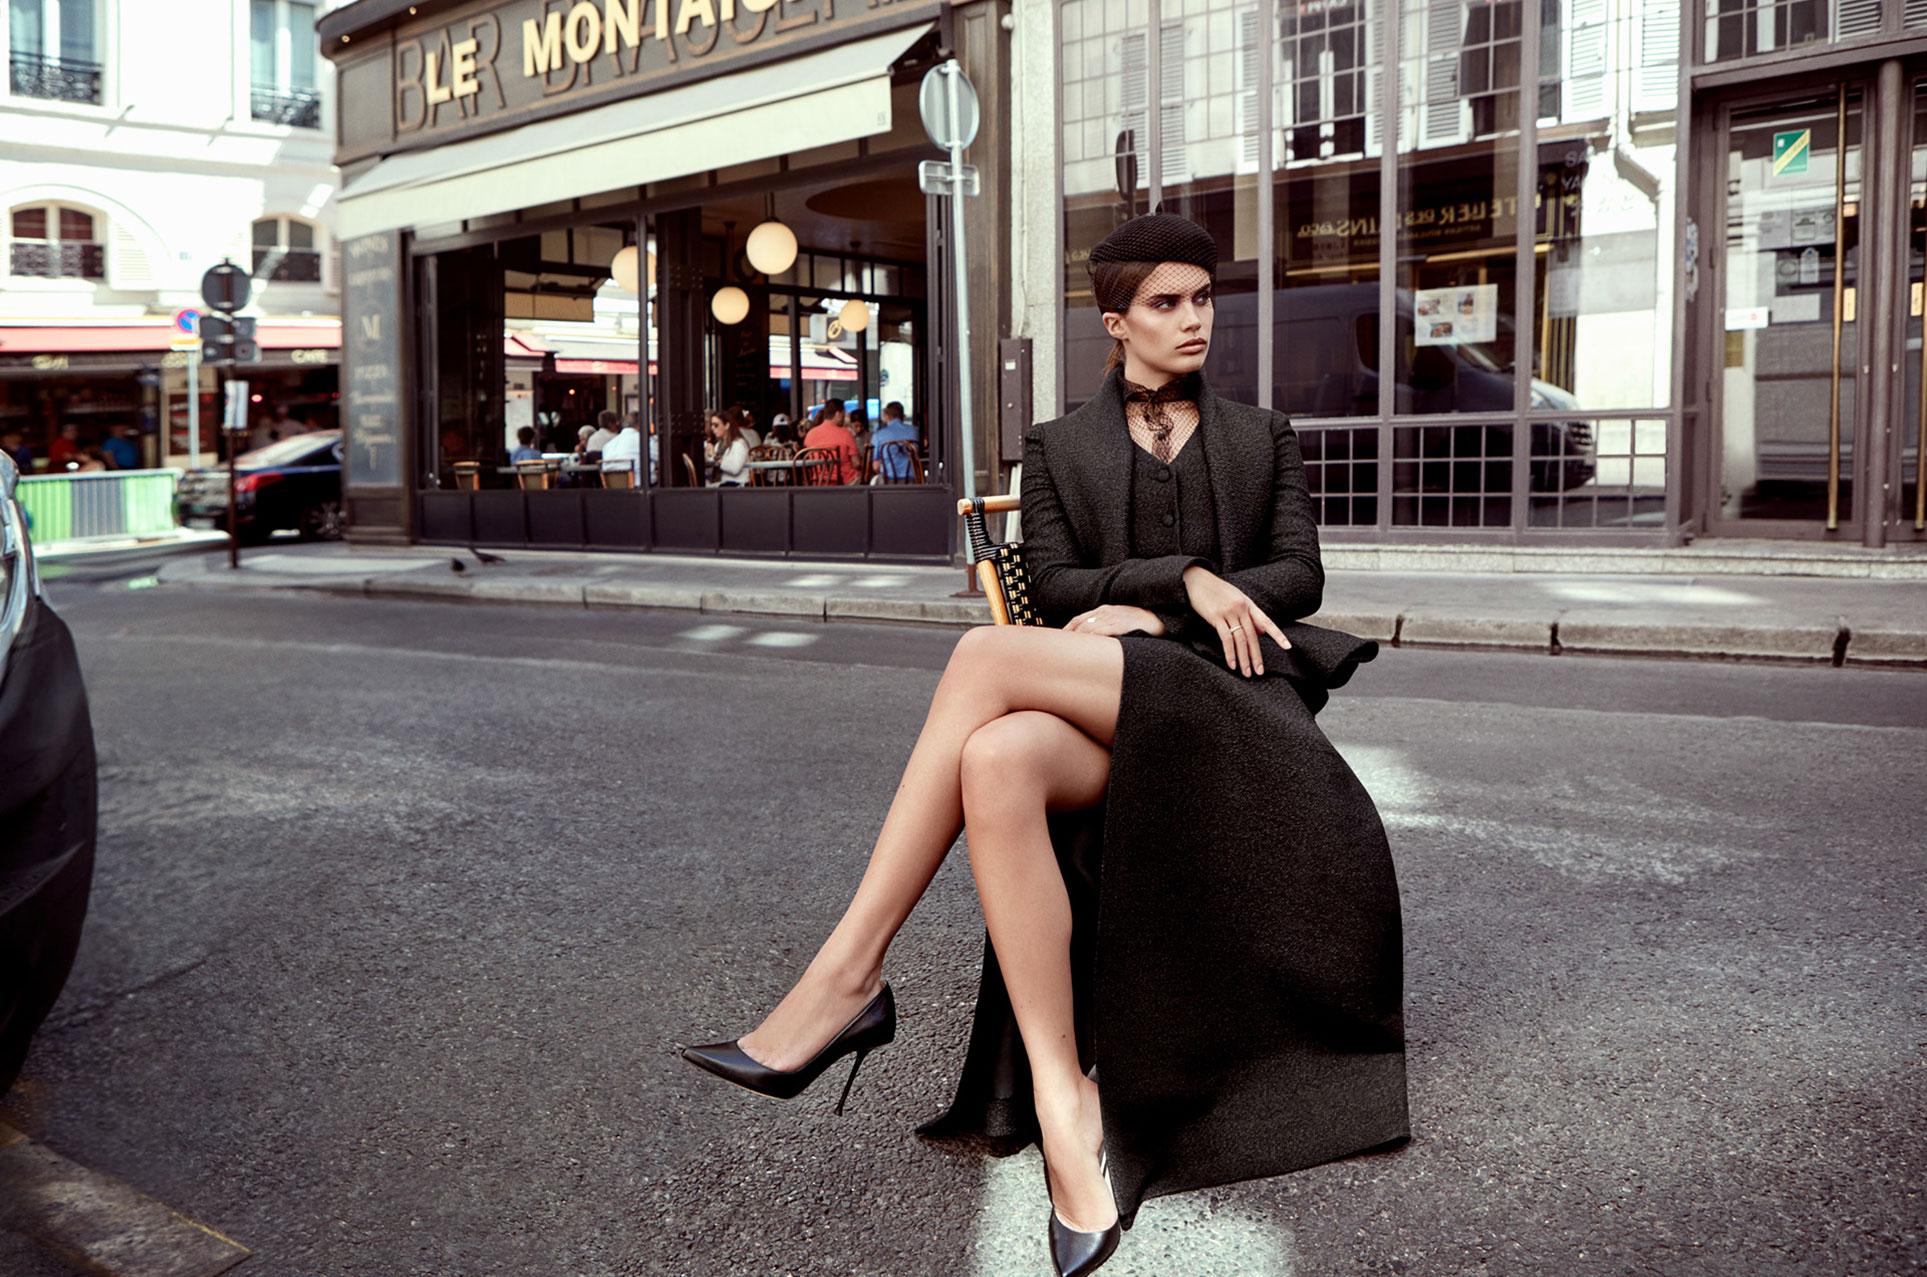 Сара Сампайо демонстрирует модные наряды на улицах и балконах Парижа / фото 01